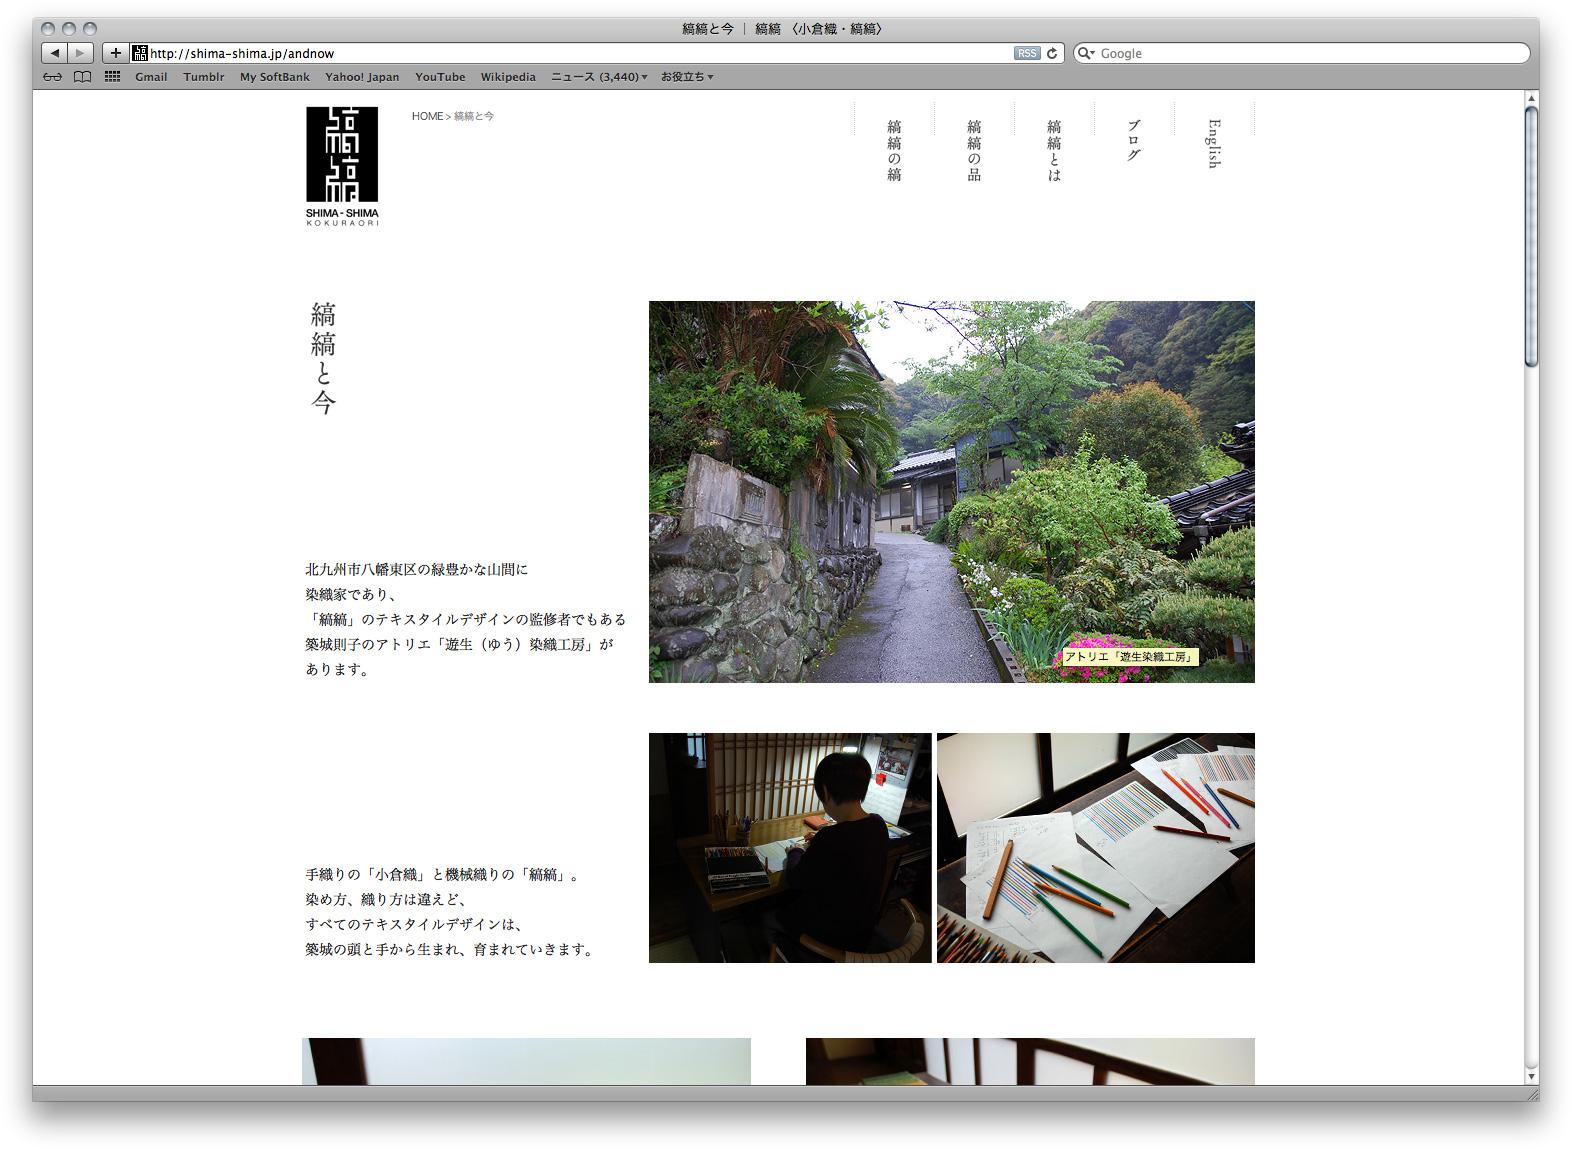 shimashima-web-5